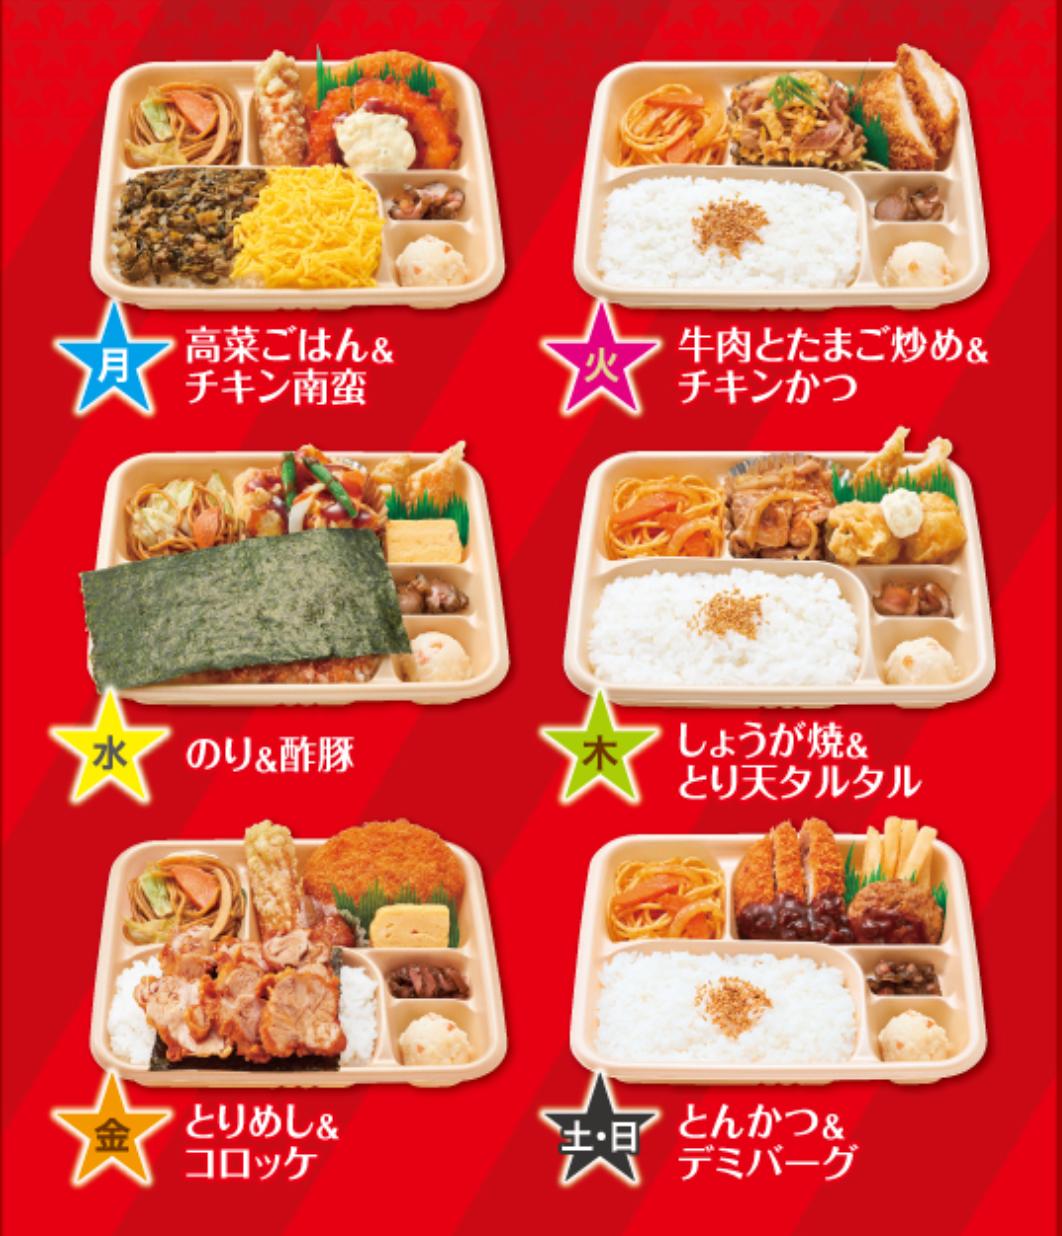 大阪 ほか弁 メニュー